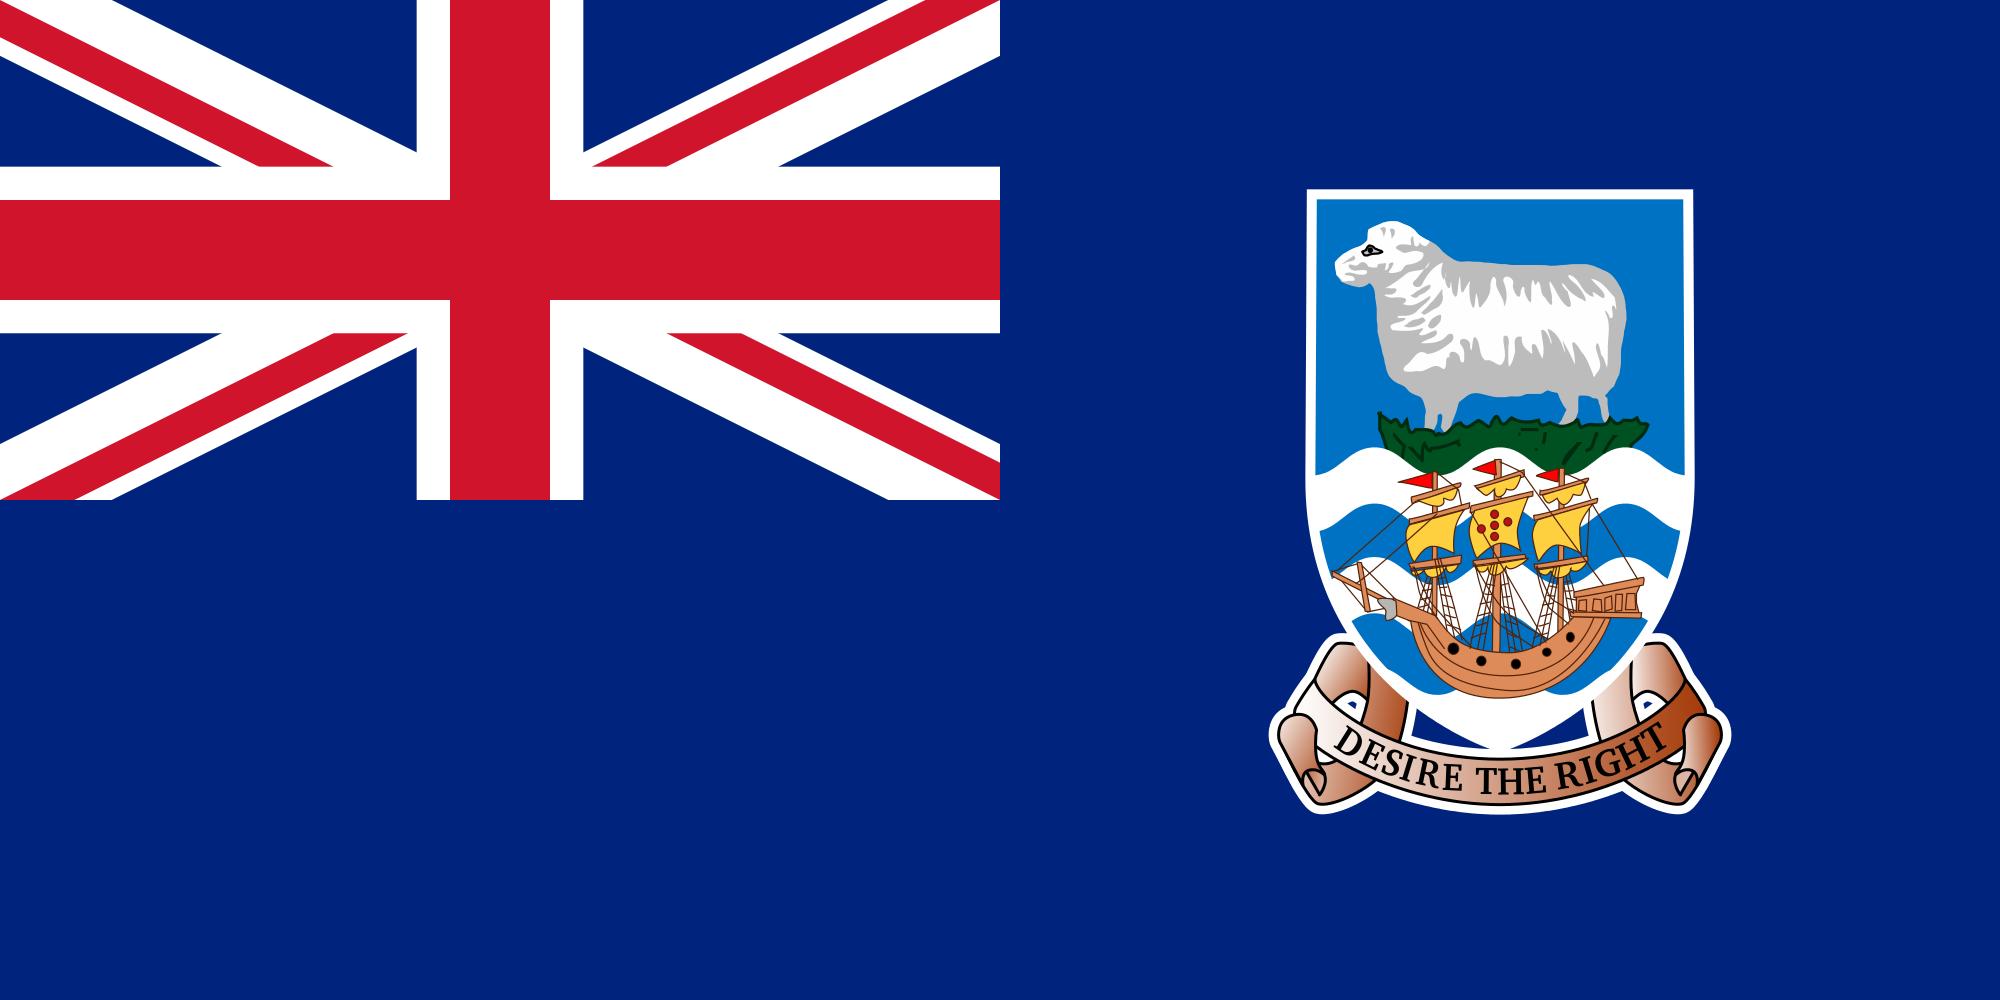 islas malvinas, país, Brasão de armas, logotipo, símbolo - Papéis de parede HD - Professor-falken.com